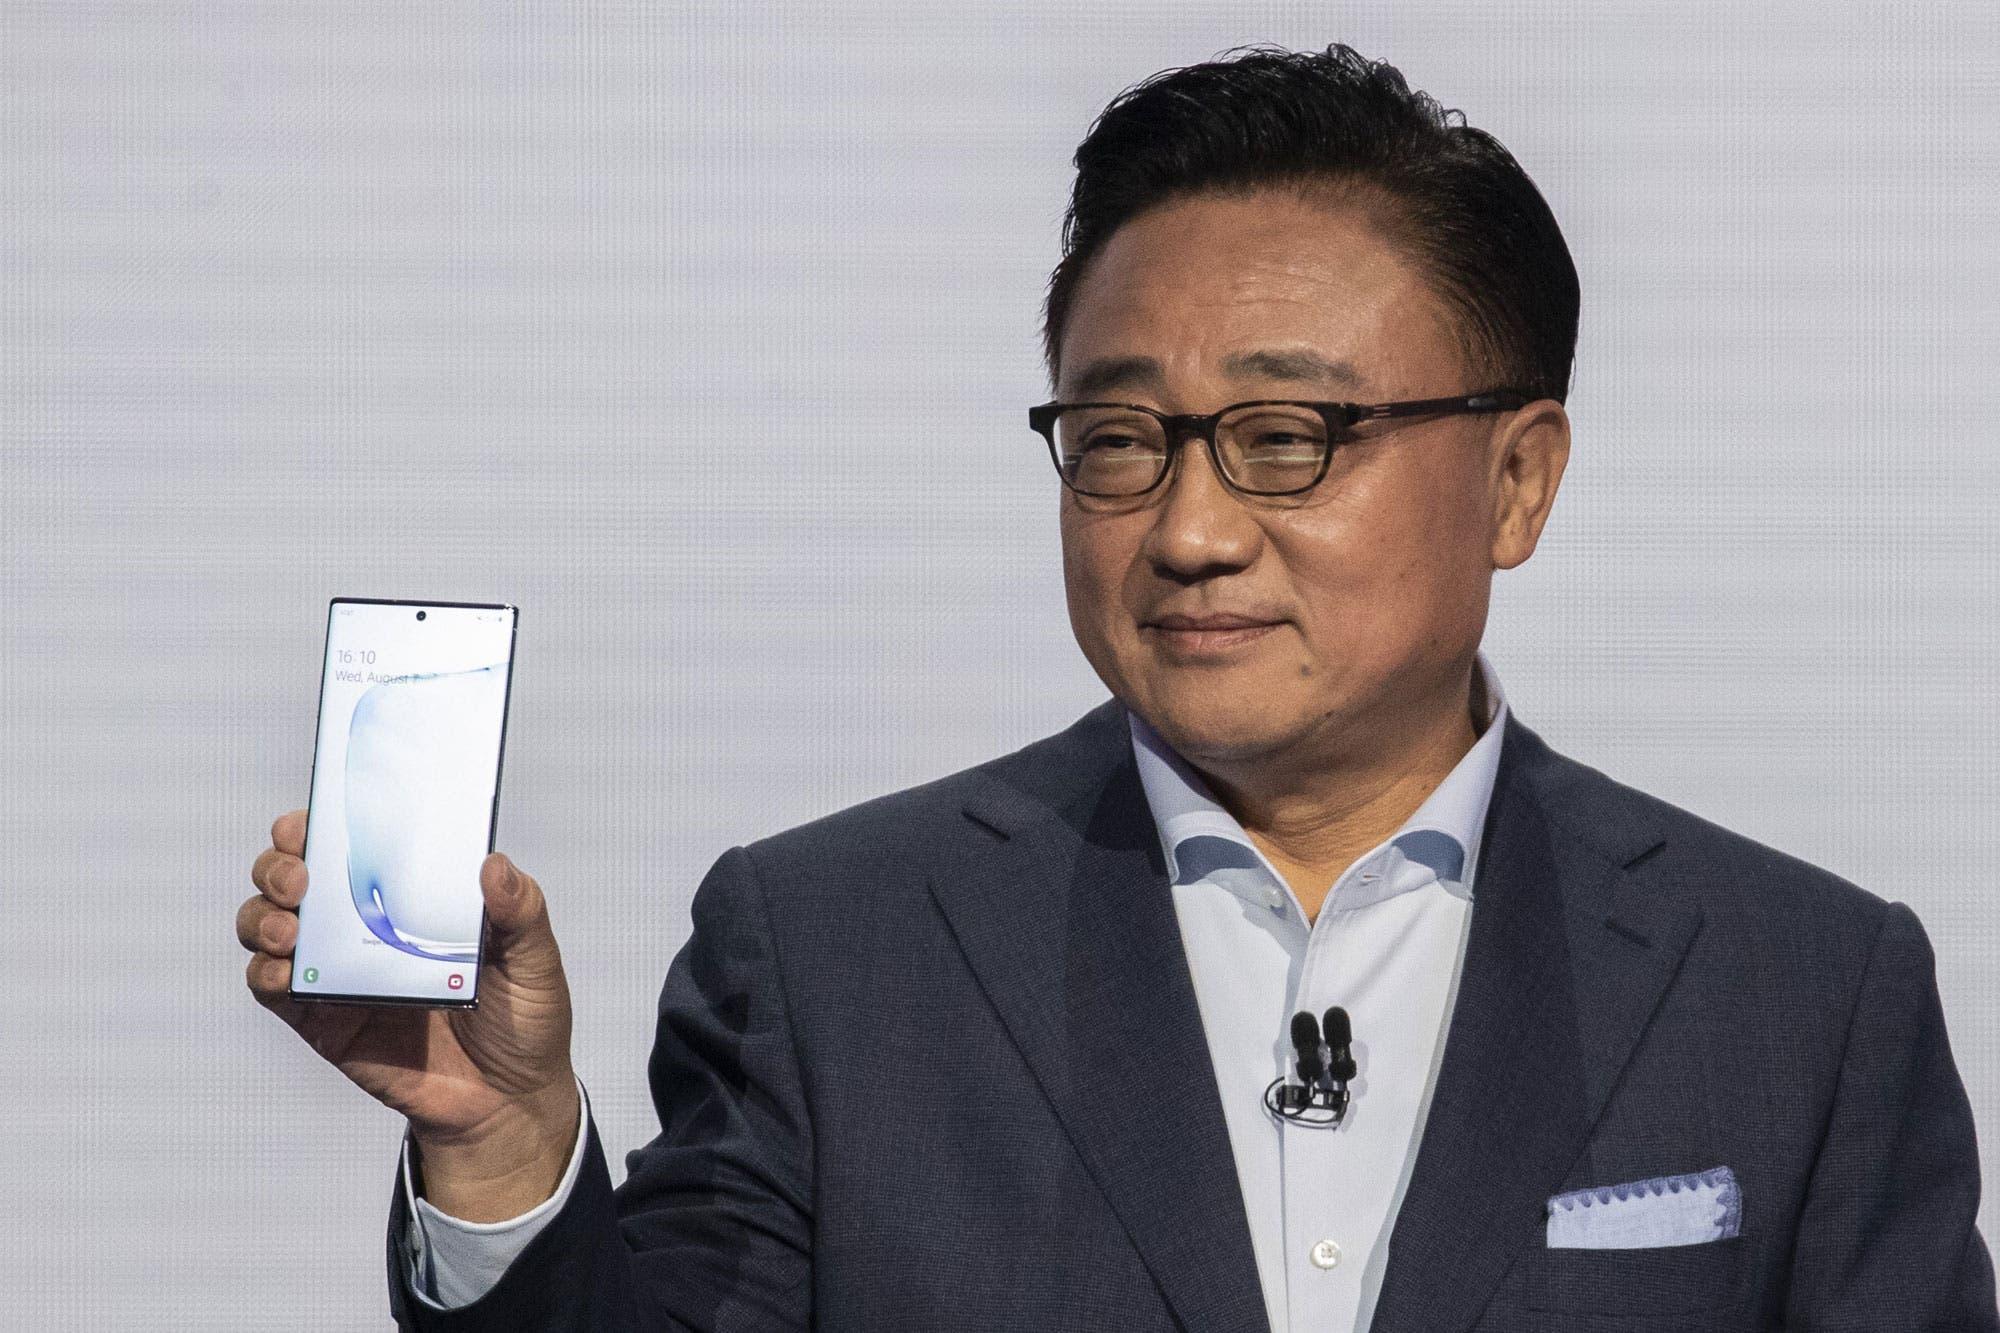 Galaxy Note 10: Samsung divide su smartphone estrella para conquistar